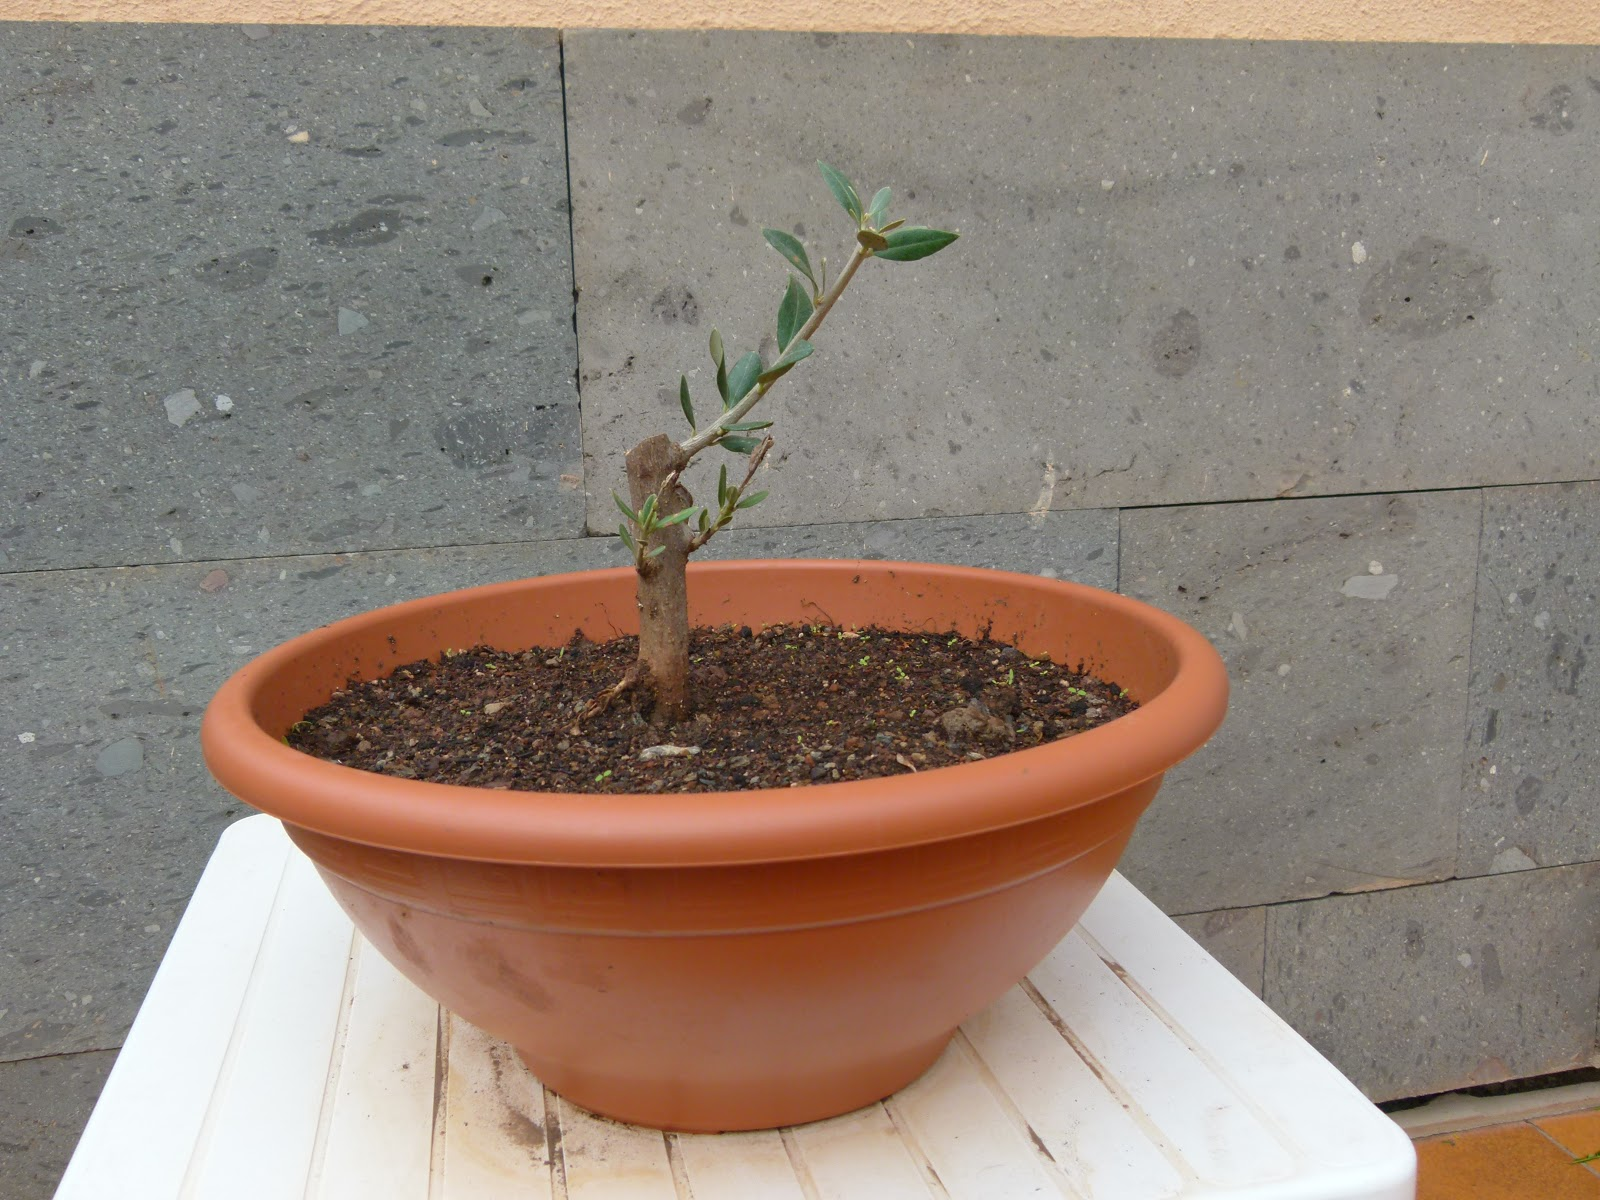 Ishi kasai mi primer olivo - Olivo en maceta ...